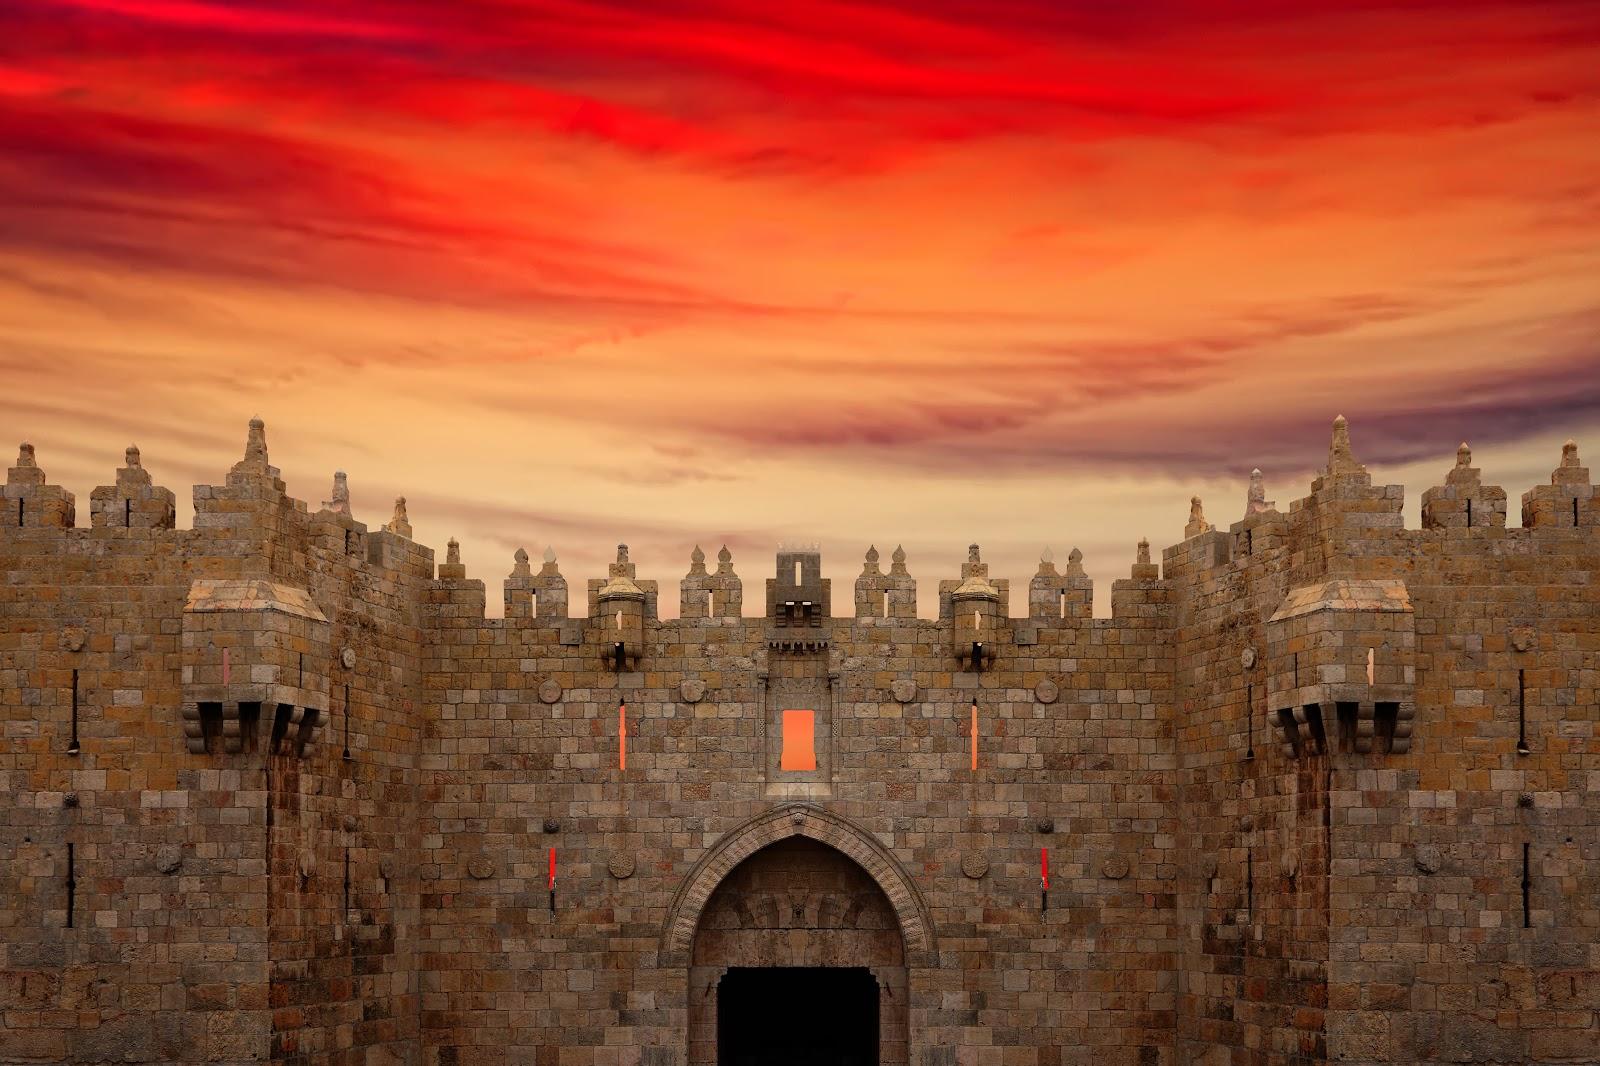 Sunset over Jerusalem, Israel